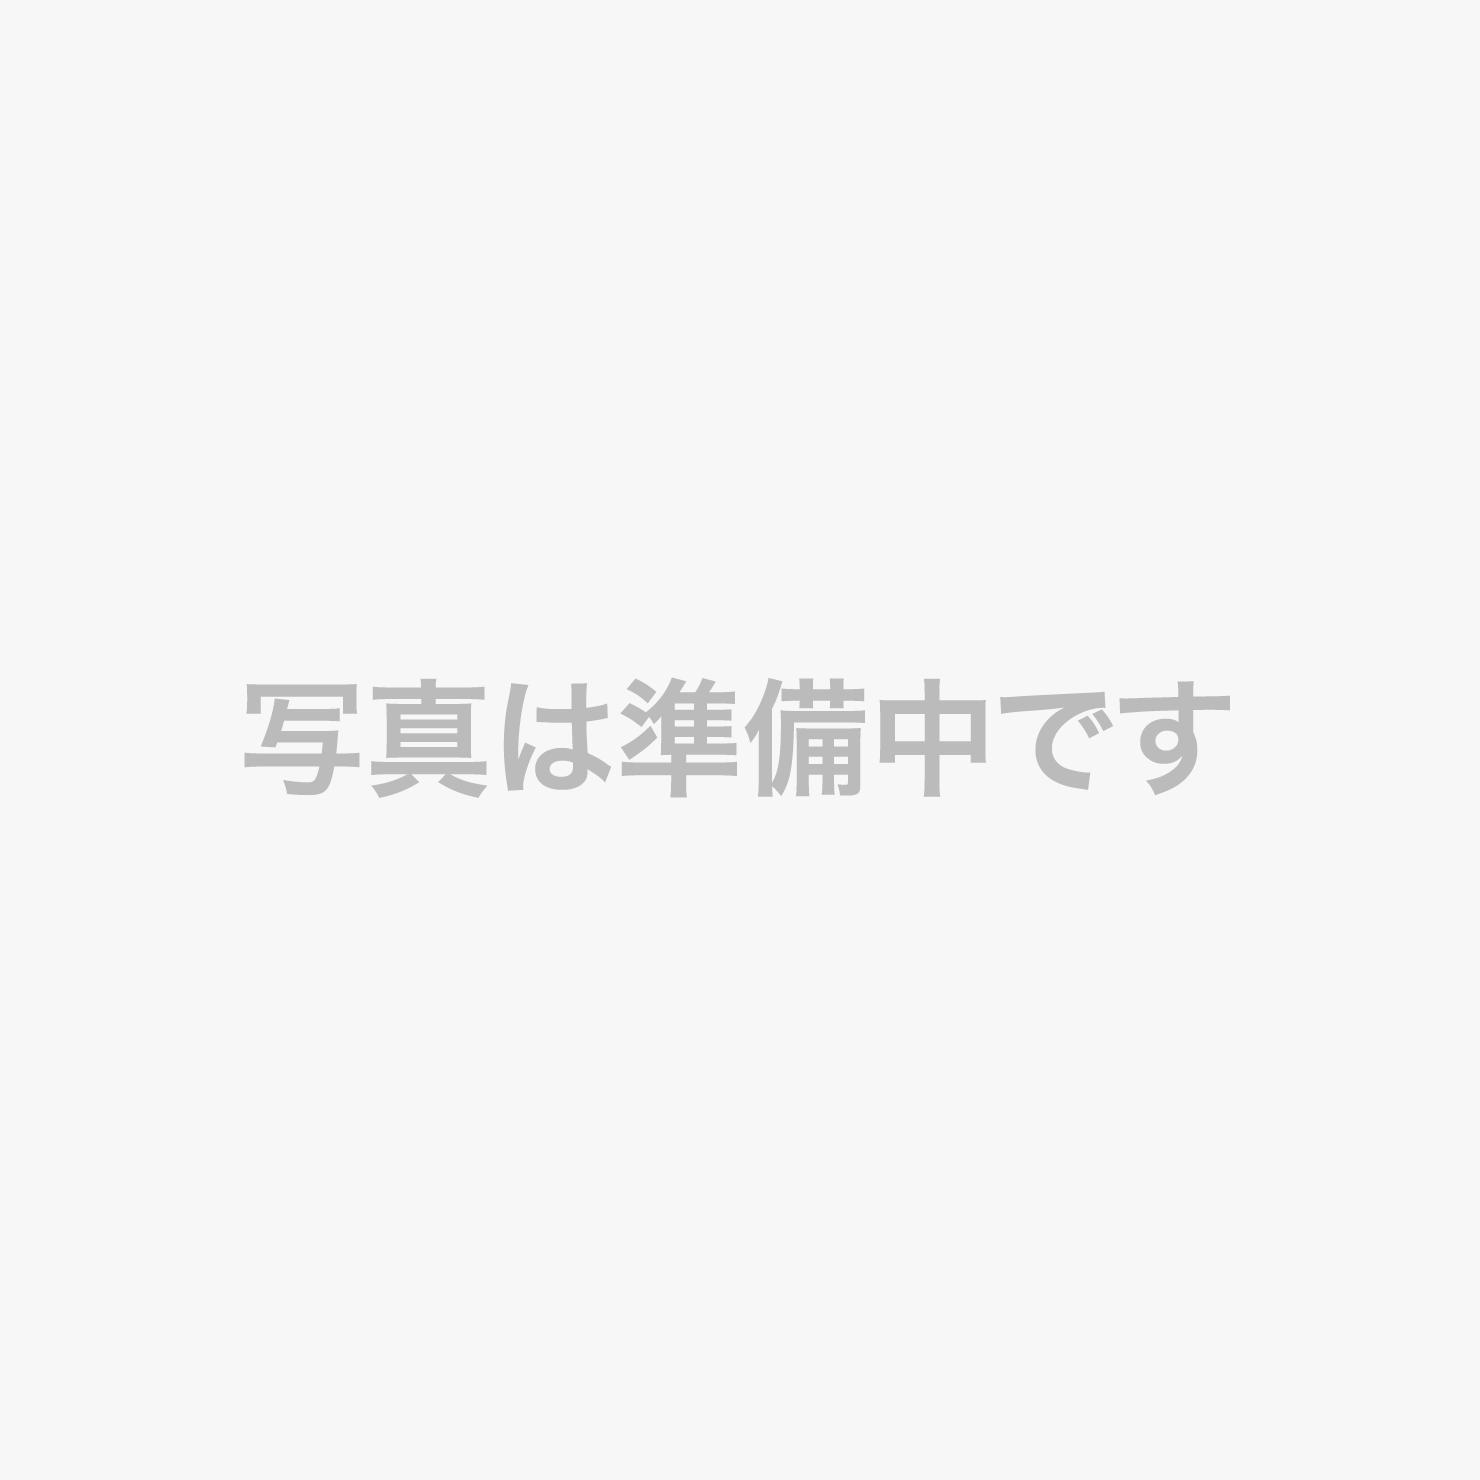 みやぎ蔵王えぼし すいせん祭り:4月下旬~5月中旬(写真提供:宮城県観光課)